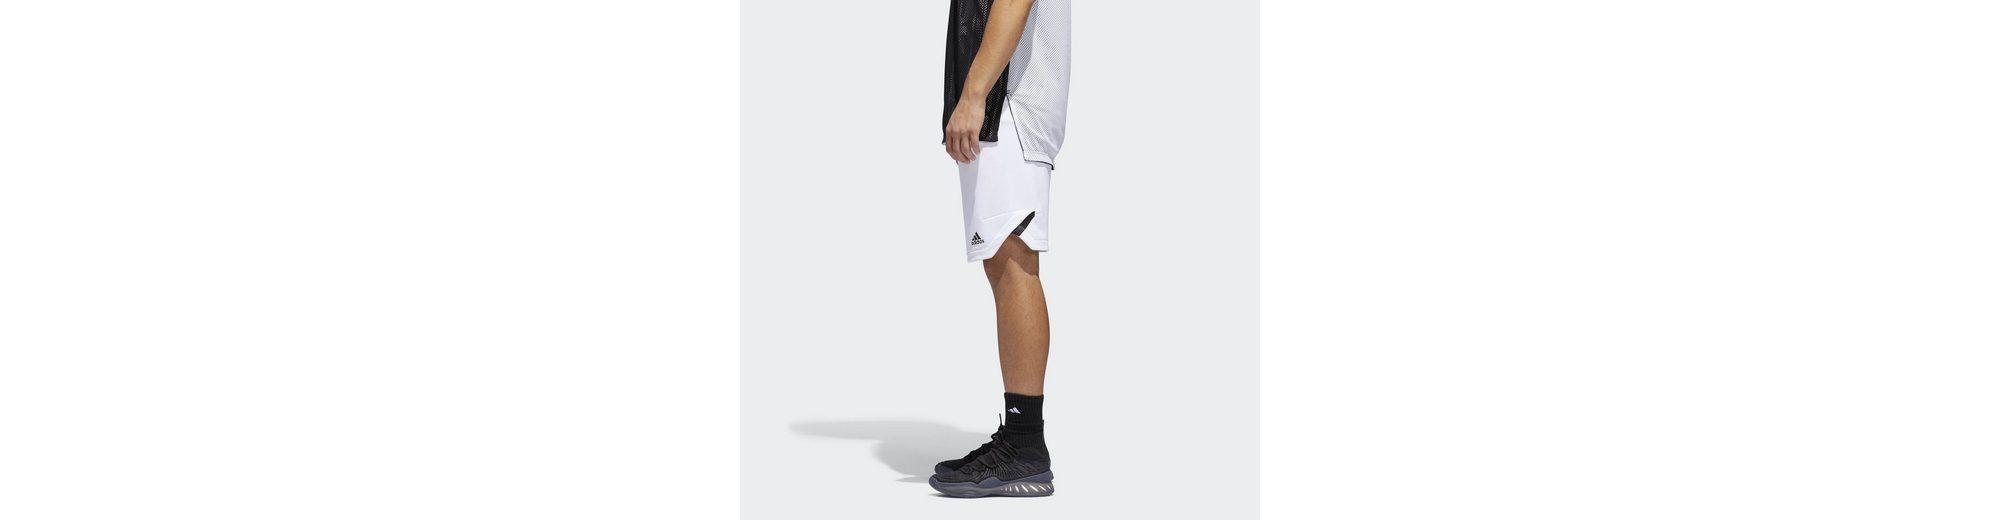 Spielraum Geniue Händler adidas Performance Shorts Electric Billiger Preis Empfehlen Günstigen Preis Steckdose Suchen Original Online xrnIEjXXE